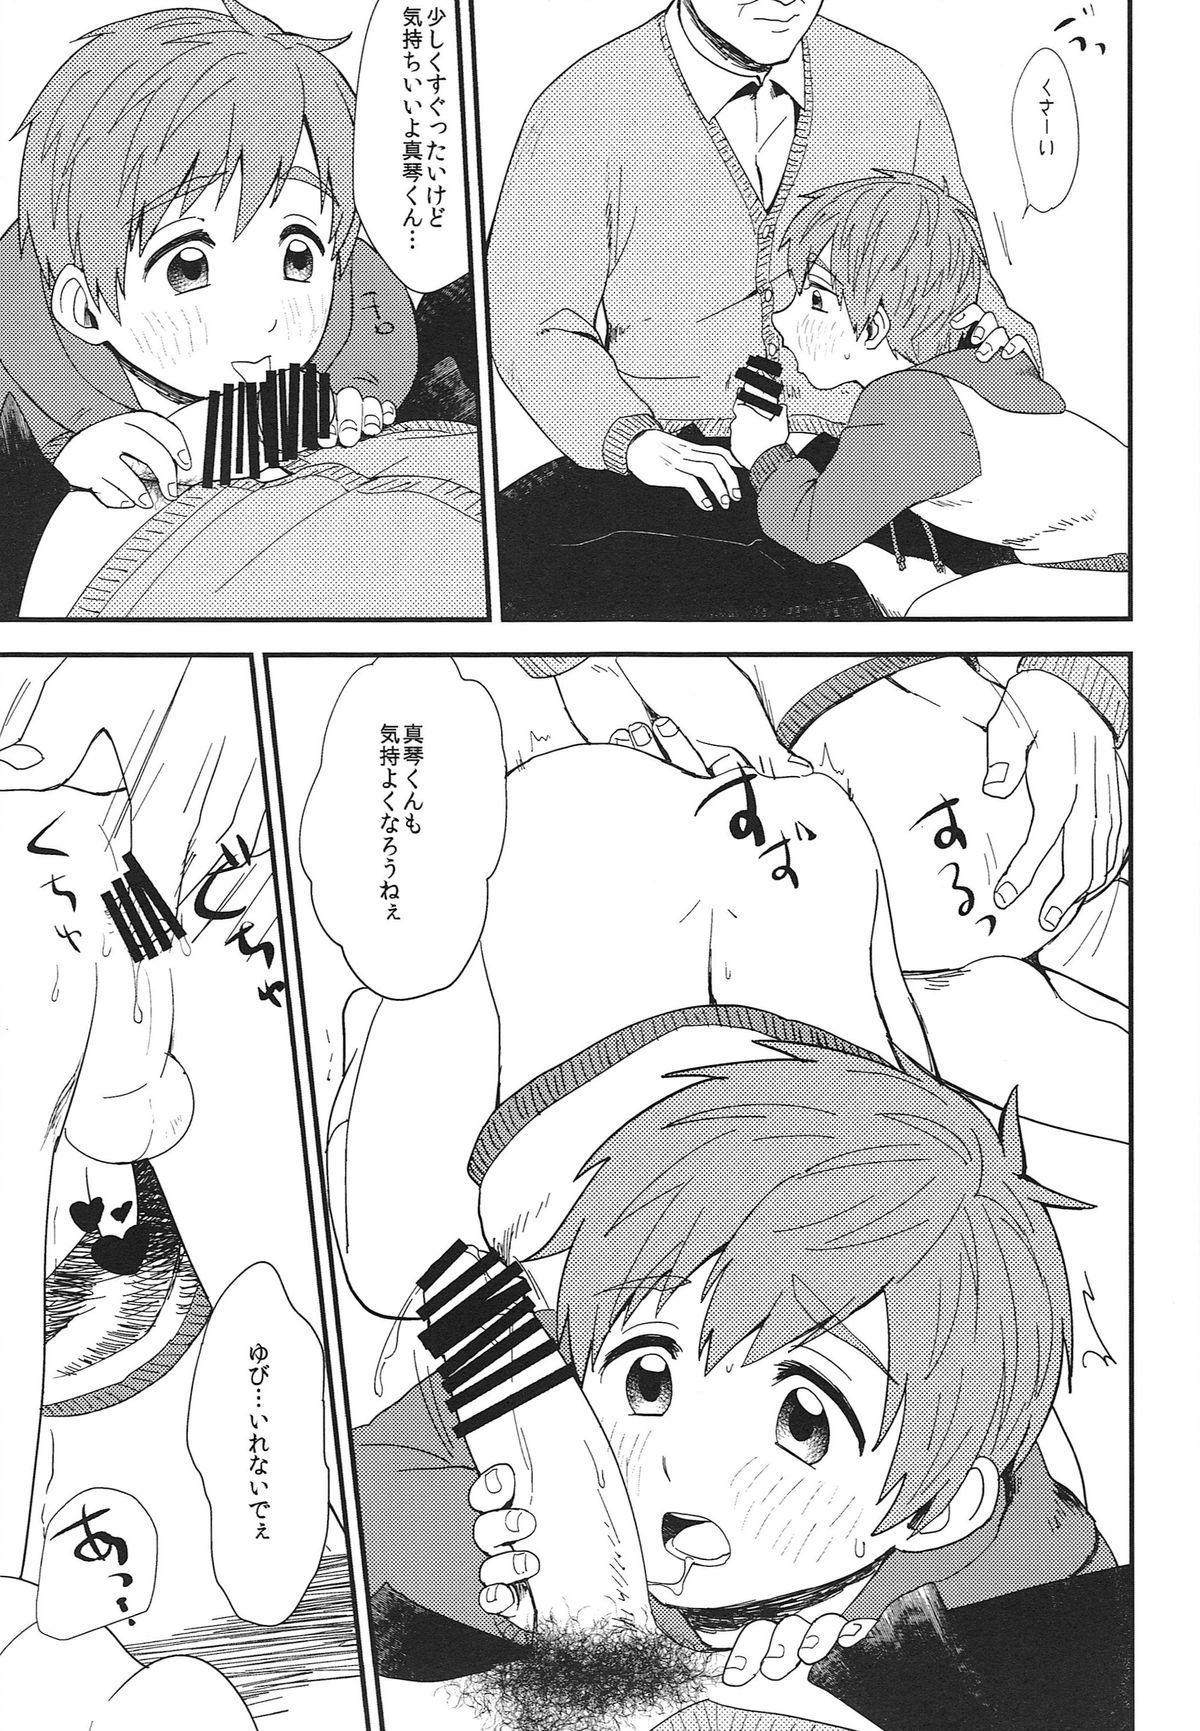 Onii-chan ni Naritakunai Yamai 23